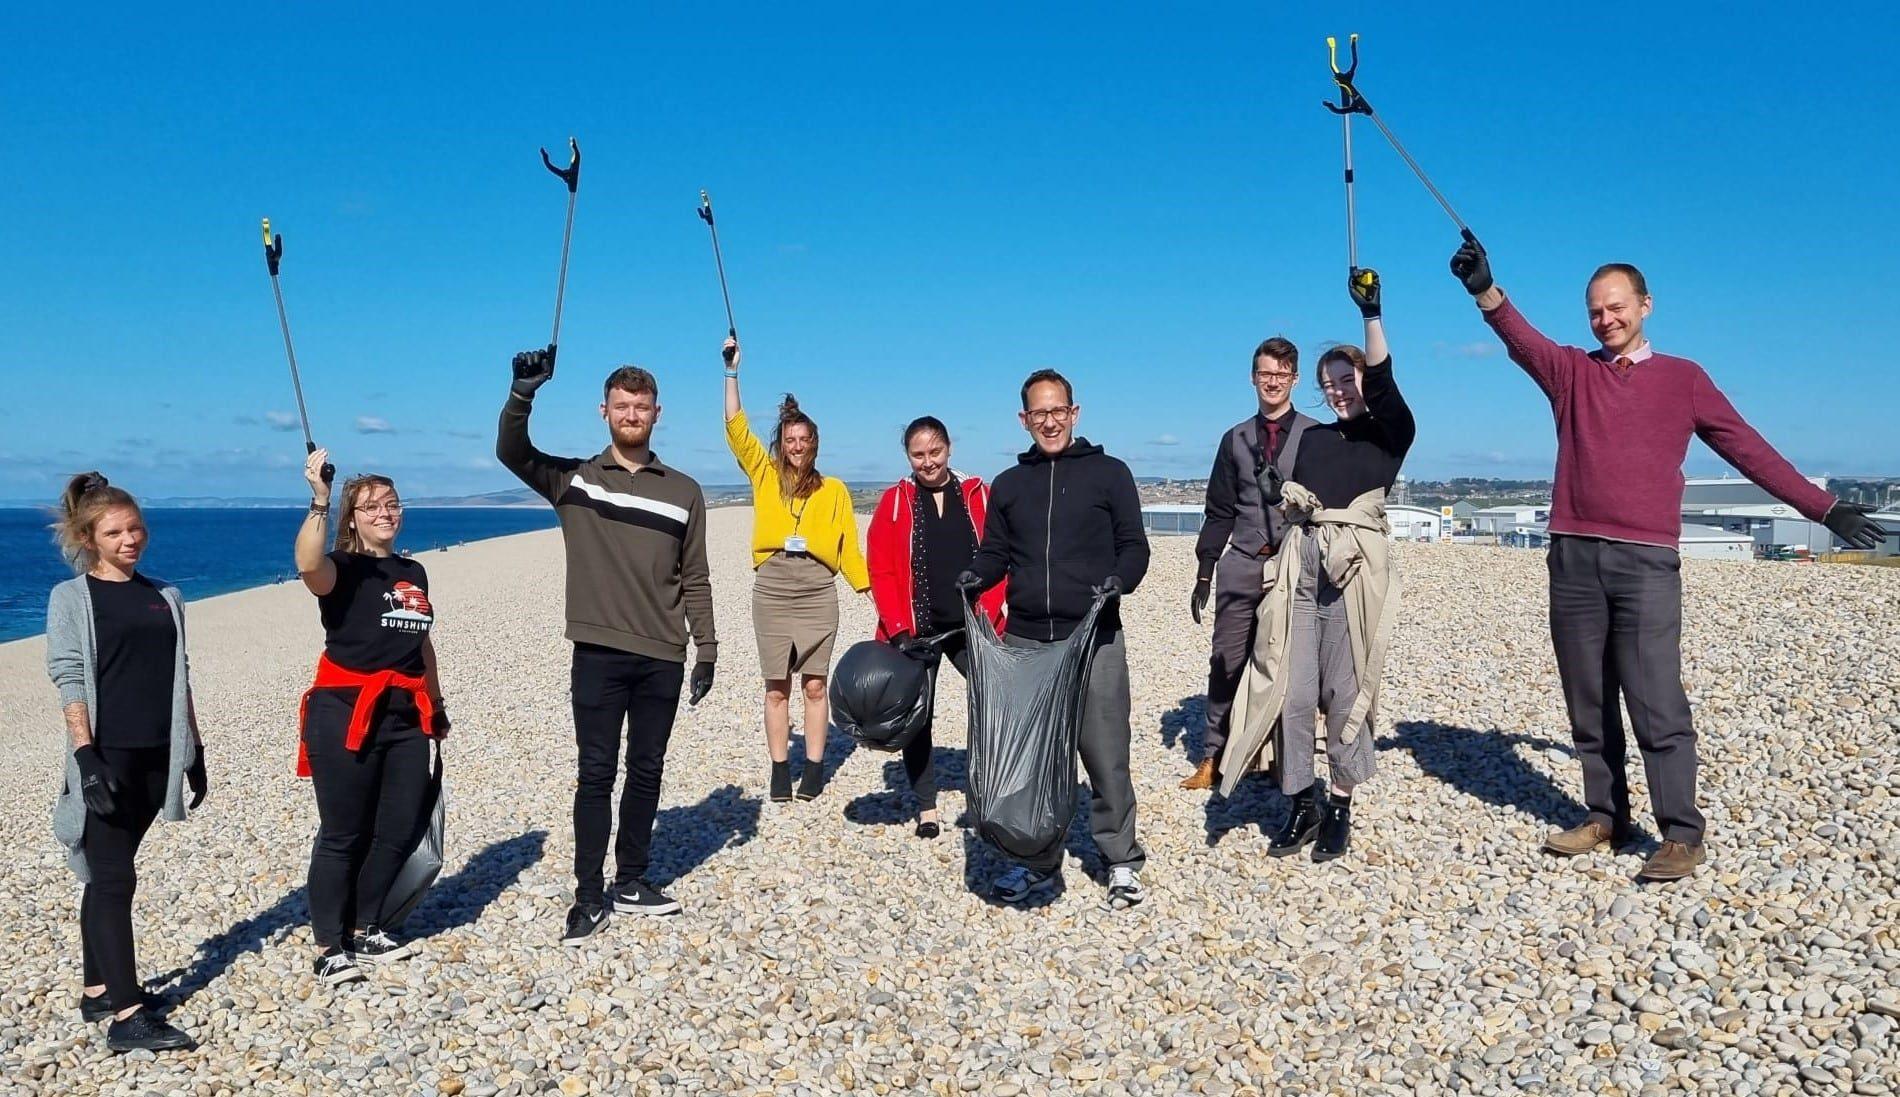 Agincare beach clean team on Chesil